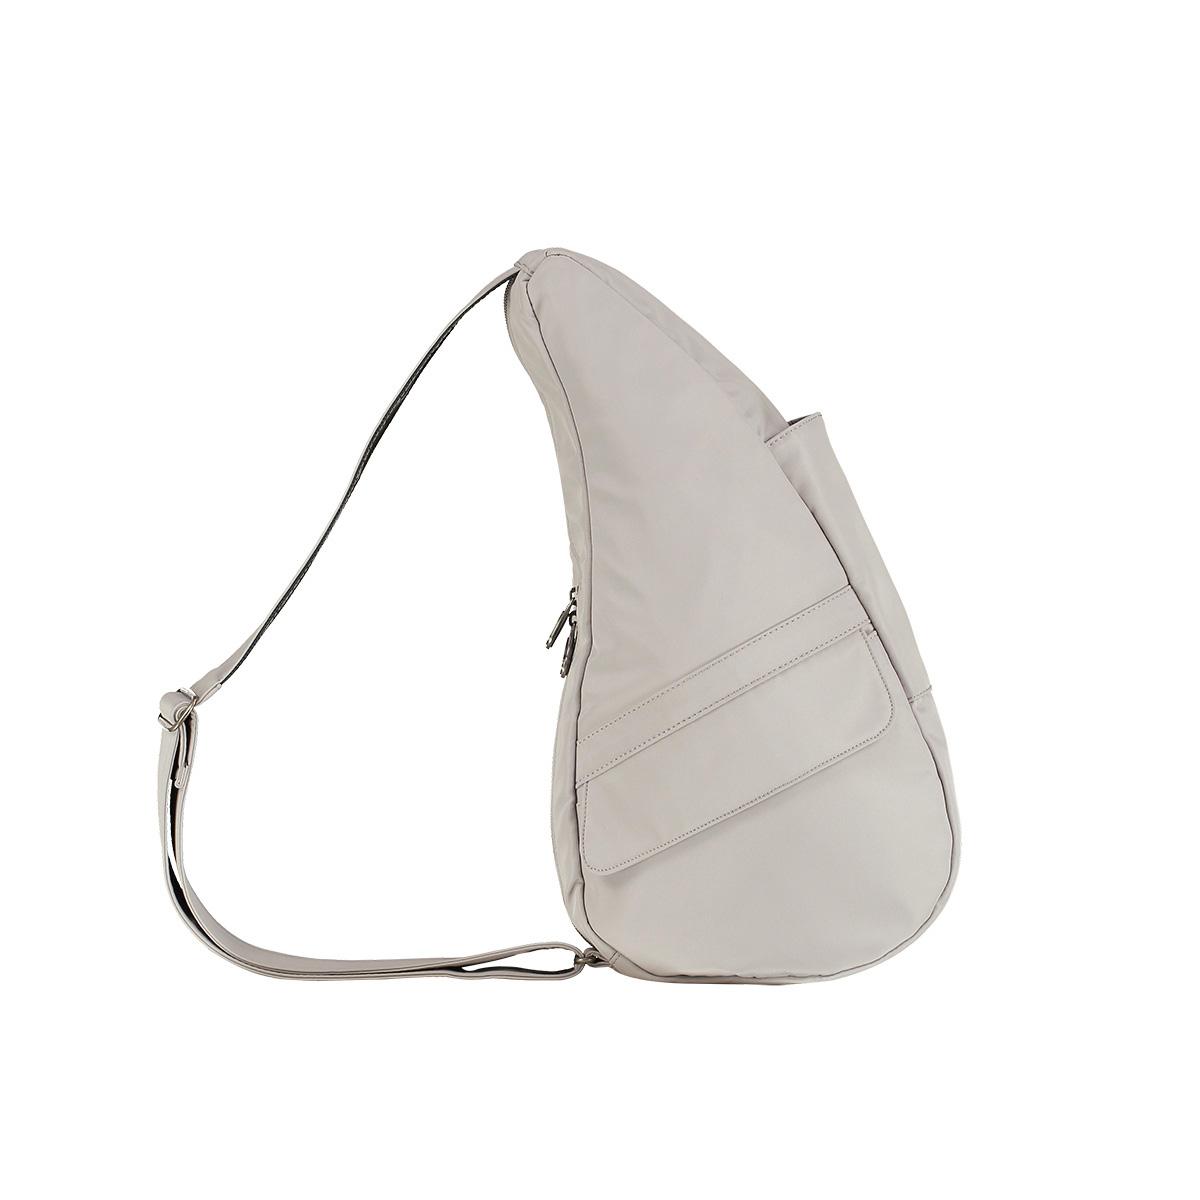 Healthy Back Bag/ヘルシーバックバッグ/ショルダーバッグ/ボディバッグ/旅行バッグ/軽量/レディース/メンズ 《限定ポーチ付》 公式ストア ヘルシーバックバッグ マイクロファイバー Sサイズ7303 ドーブグレー